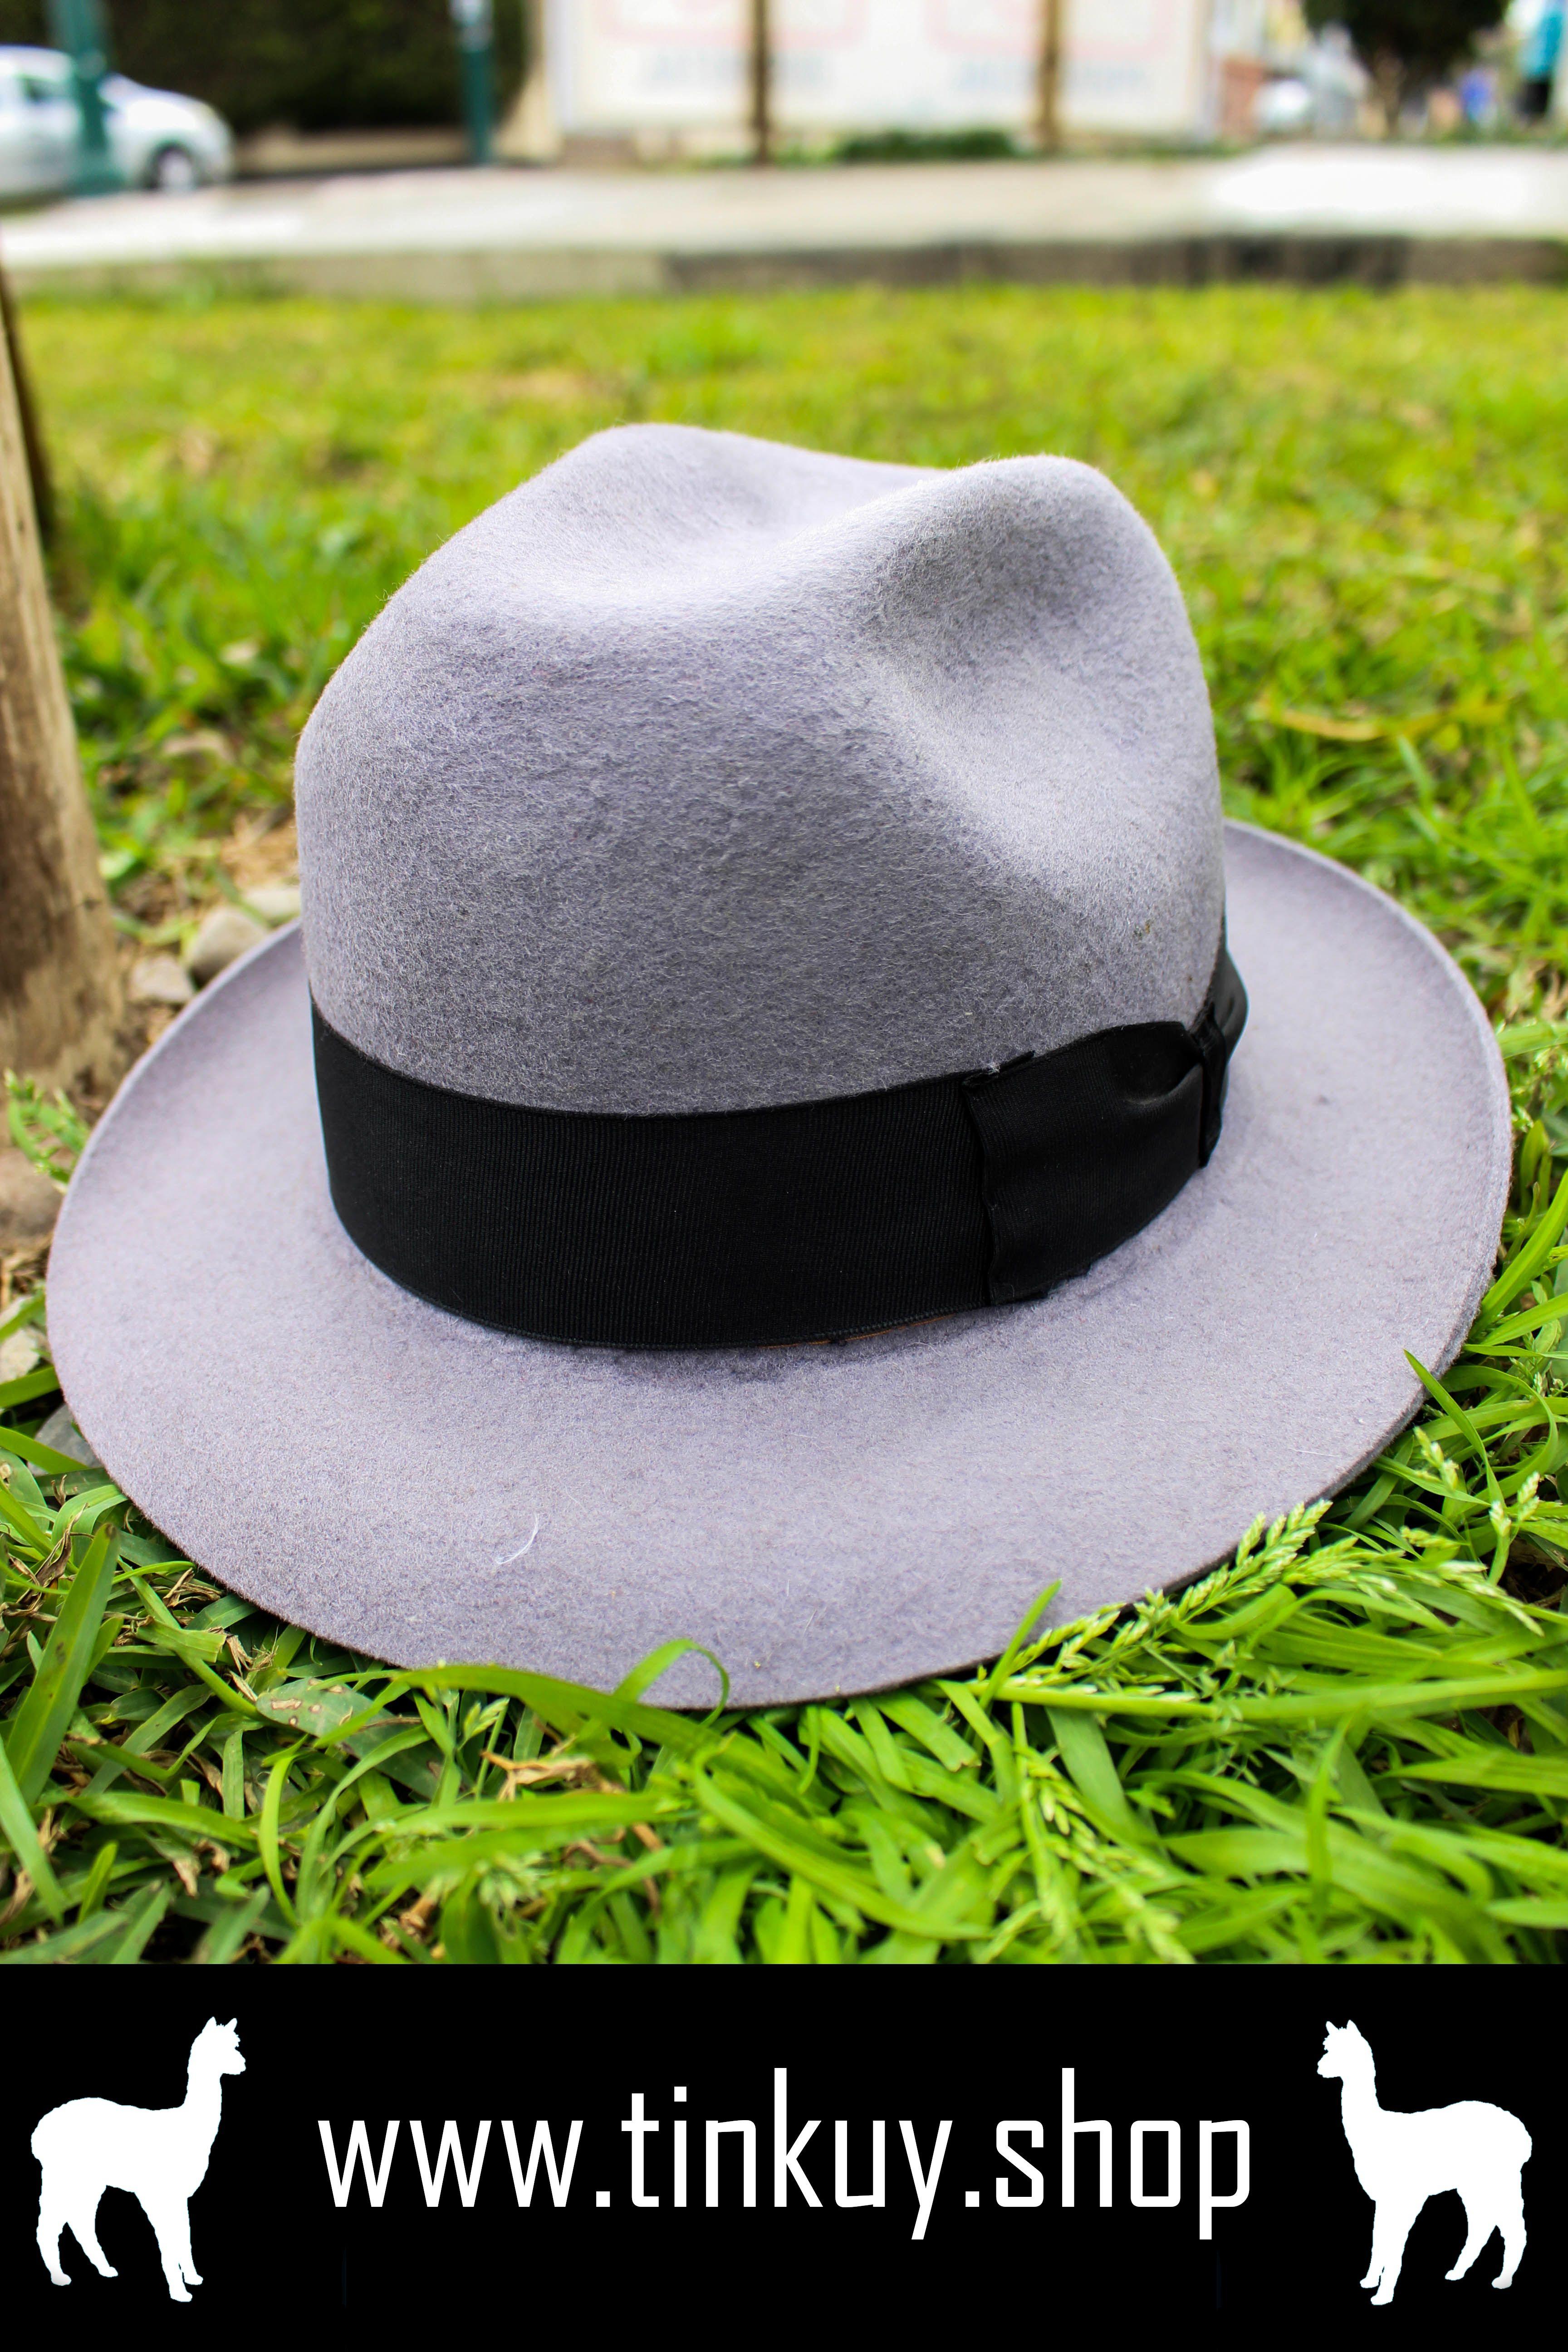 76d2b33278c7c7 Fedora hats for men, Peruvian hats, fedora hats online, winter hats, cheap  fedora hats, short brim hat, buy fedora Indiana Jones hat, felt hat, ...